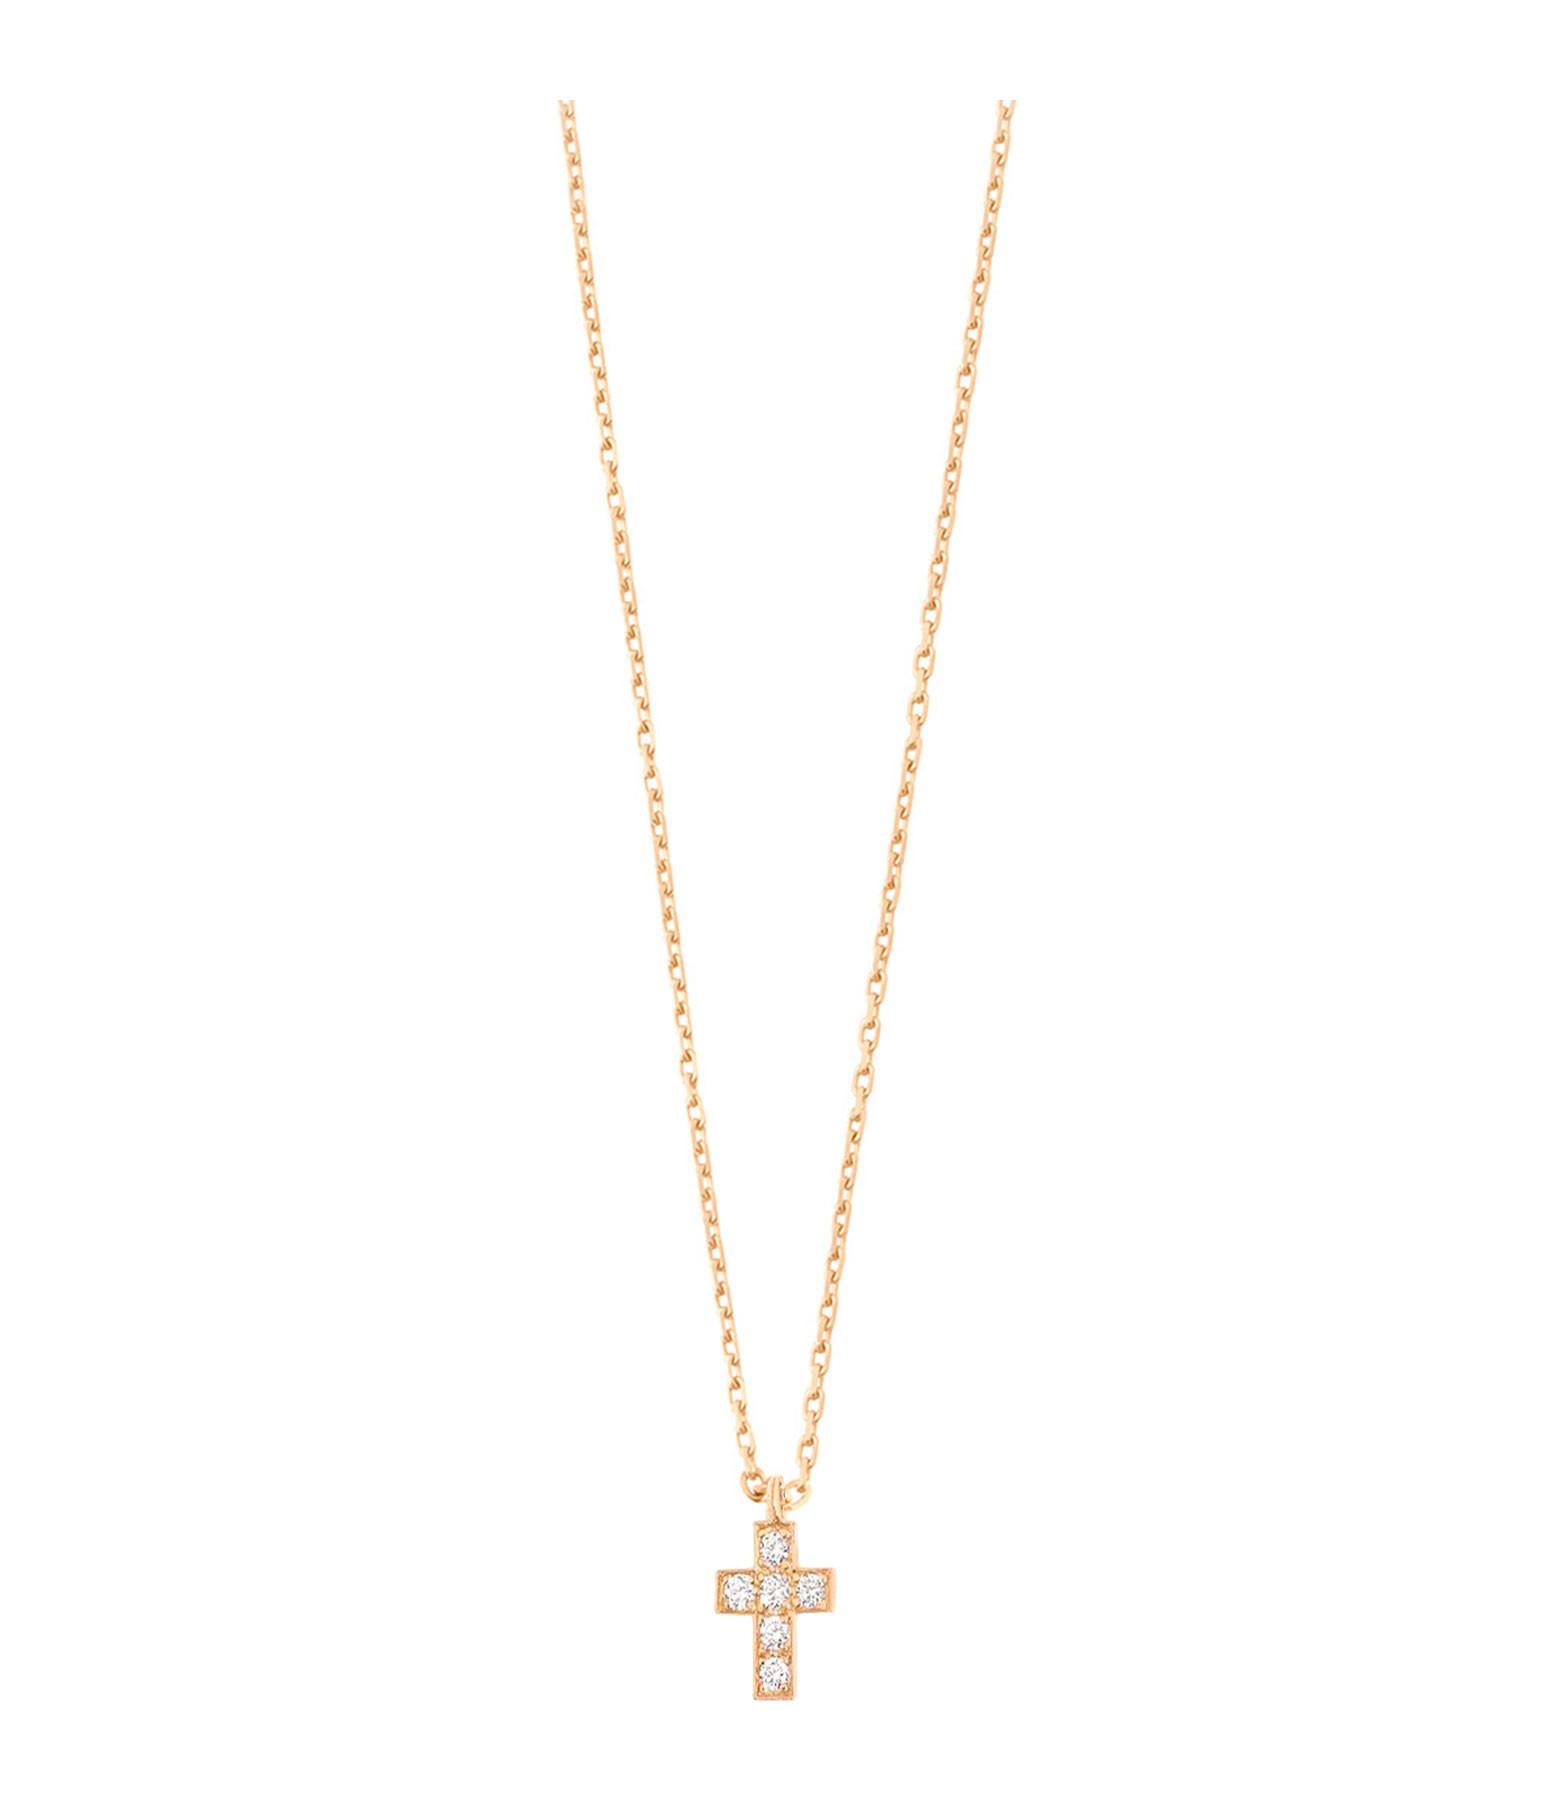 GIGI CLOZEAU - Collier Croix Résine Or Diamants